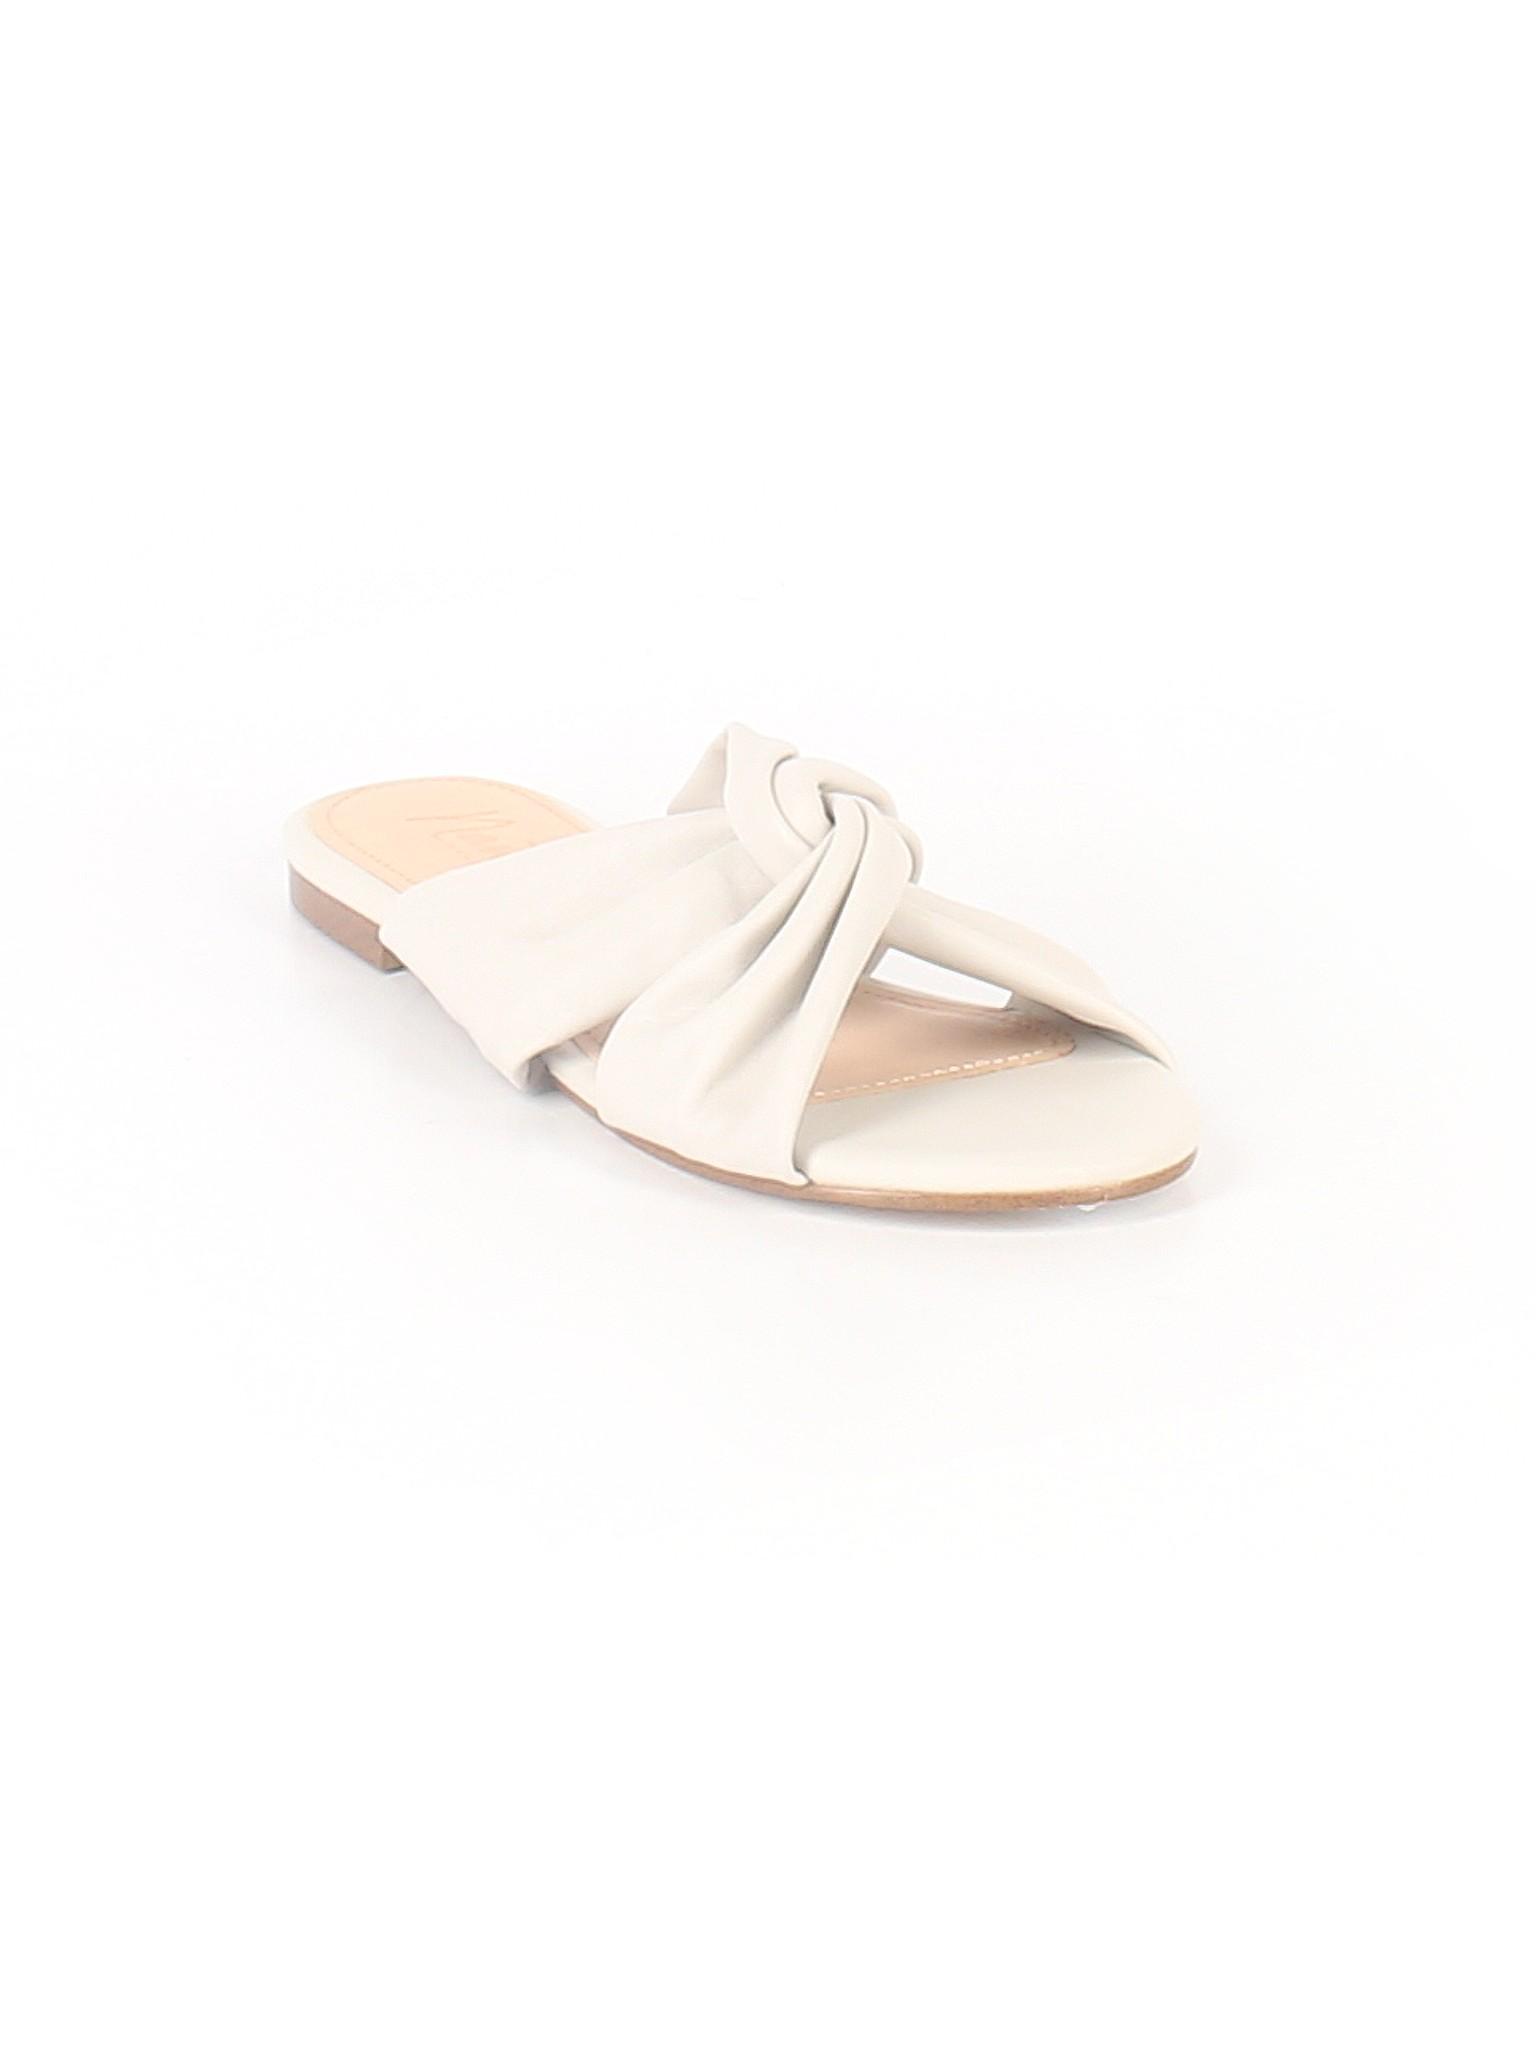 promotion Nanette NANETTE Boutique Lepore Sandals YUzFq